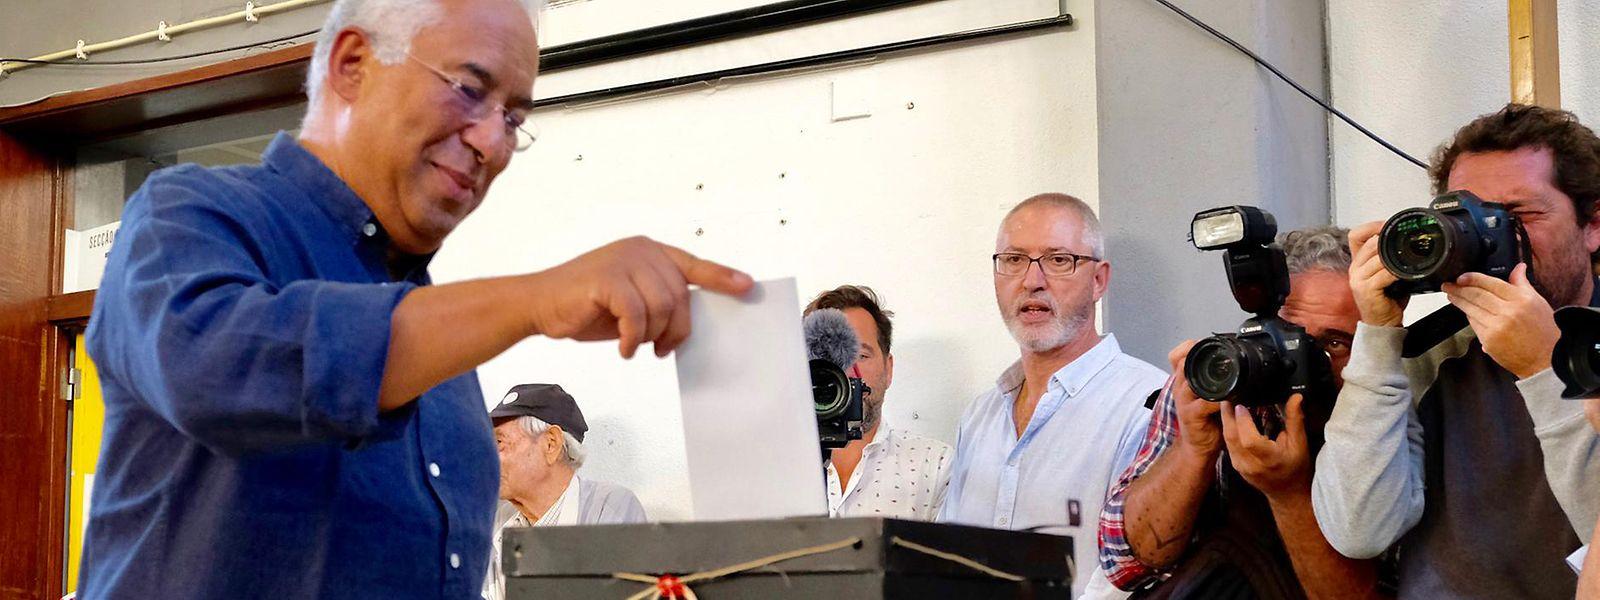 """Antonio Costa, amtierender Premierminister Portugals und Kandidat der Sozialistischen Partei, wirft seinen Stimmzettel im Wahllokal ein. Die Regierungspartei errang bei der Parlamentswahl ersten Prognosen zufolge einen klaren Sieg. Nach einer Prognose des staatlichen Fernsehsenders """"RTP"""" erhielt die Sozialistische Partei (PS) von Ministerpräsident Costa am Sonntag 34 bis 39Prozent der Stimmen."""